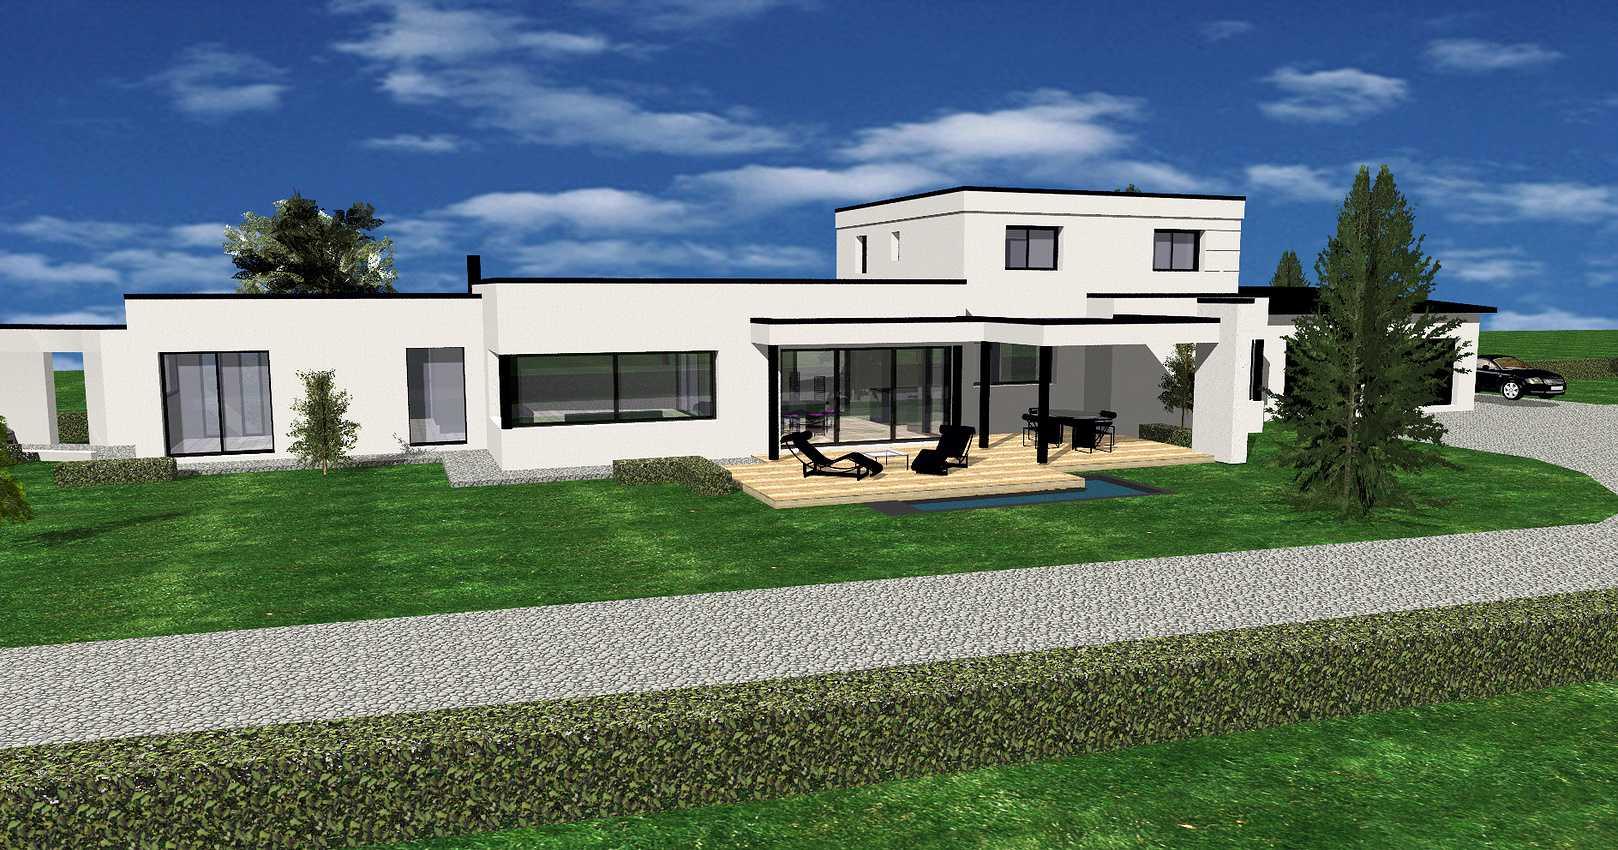 Projet de construction maison neuve toit plat - Pléneuf-Val-André 0